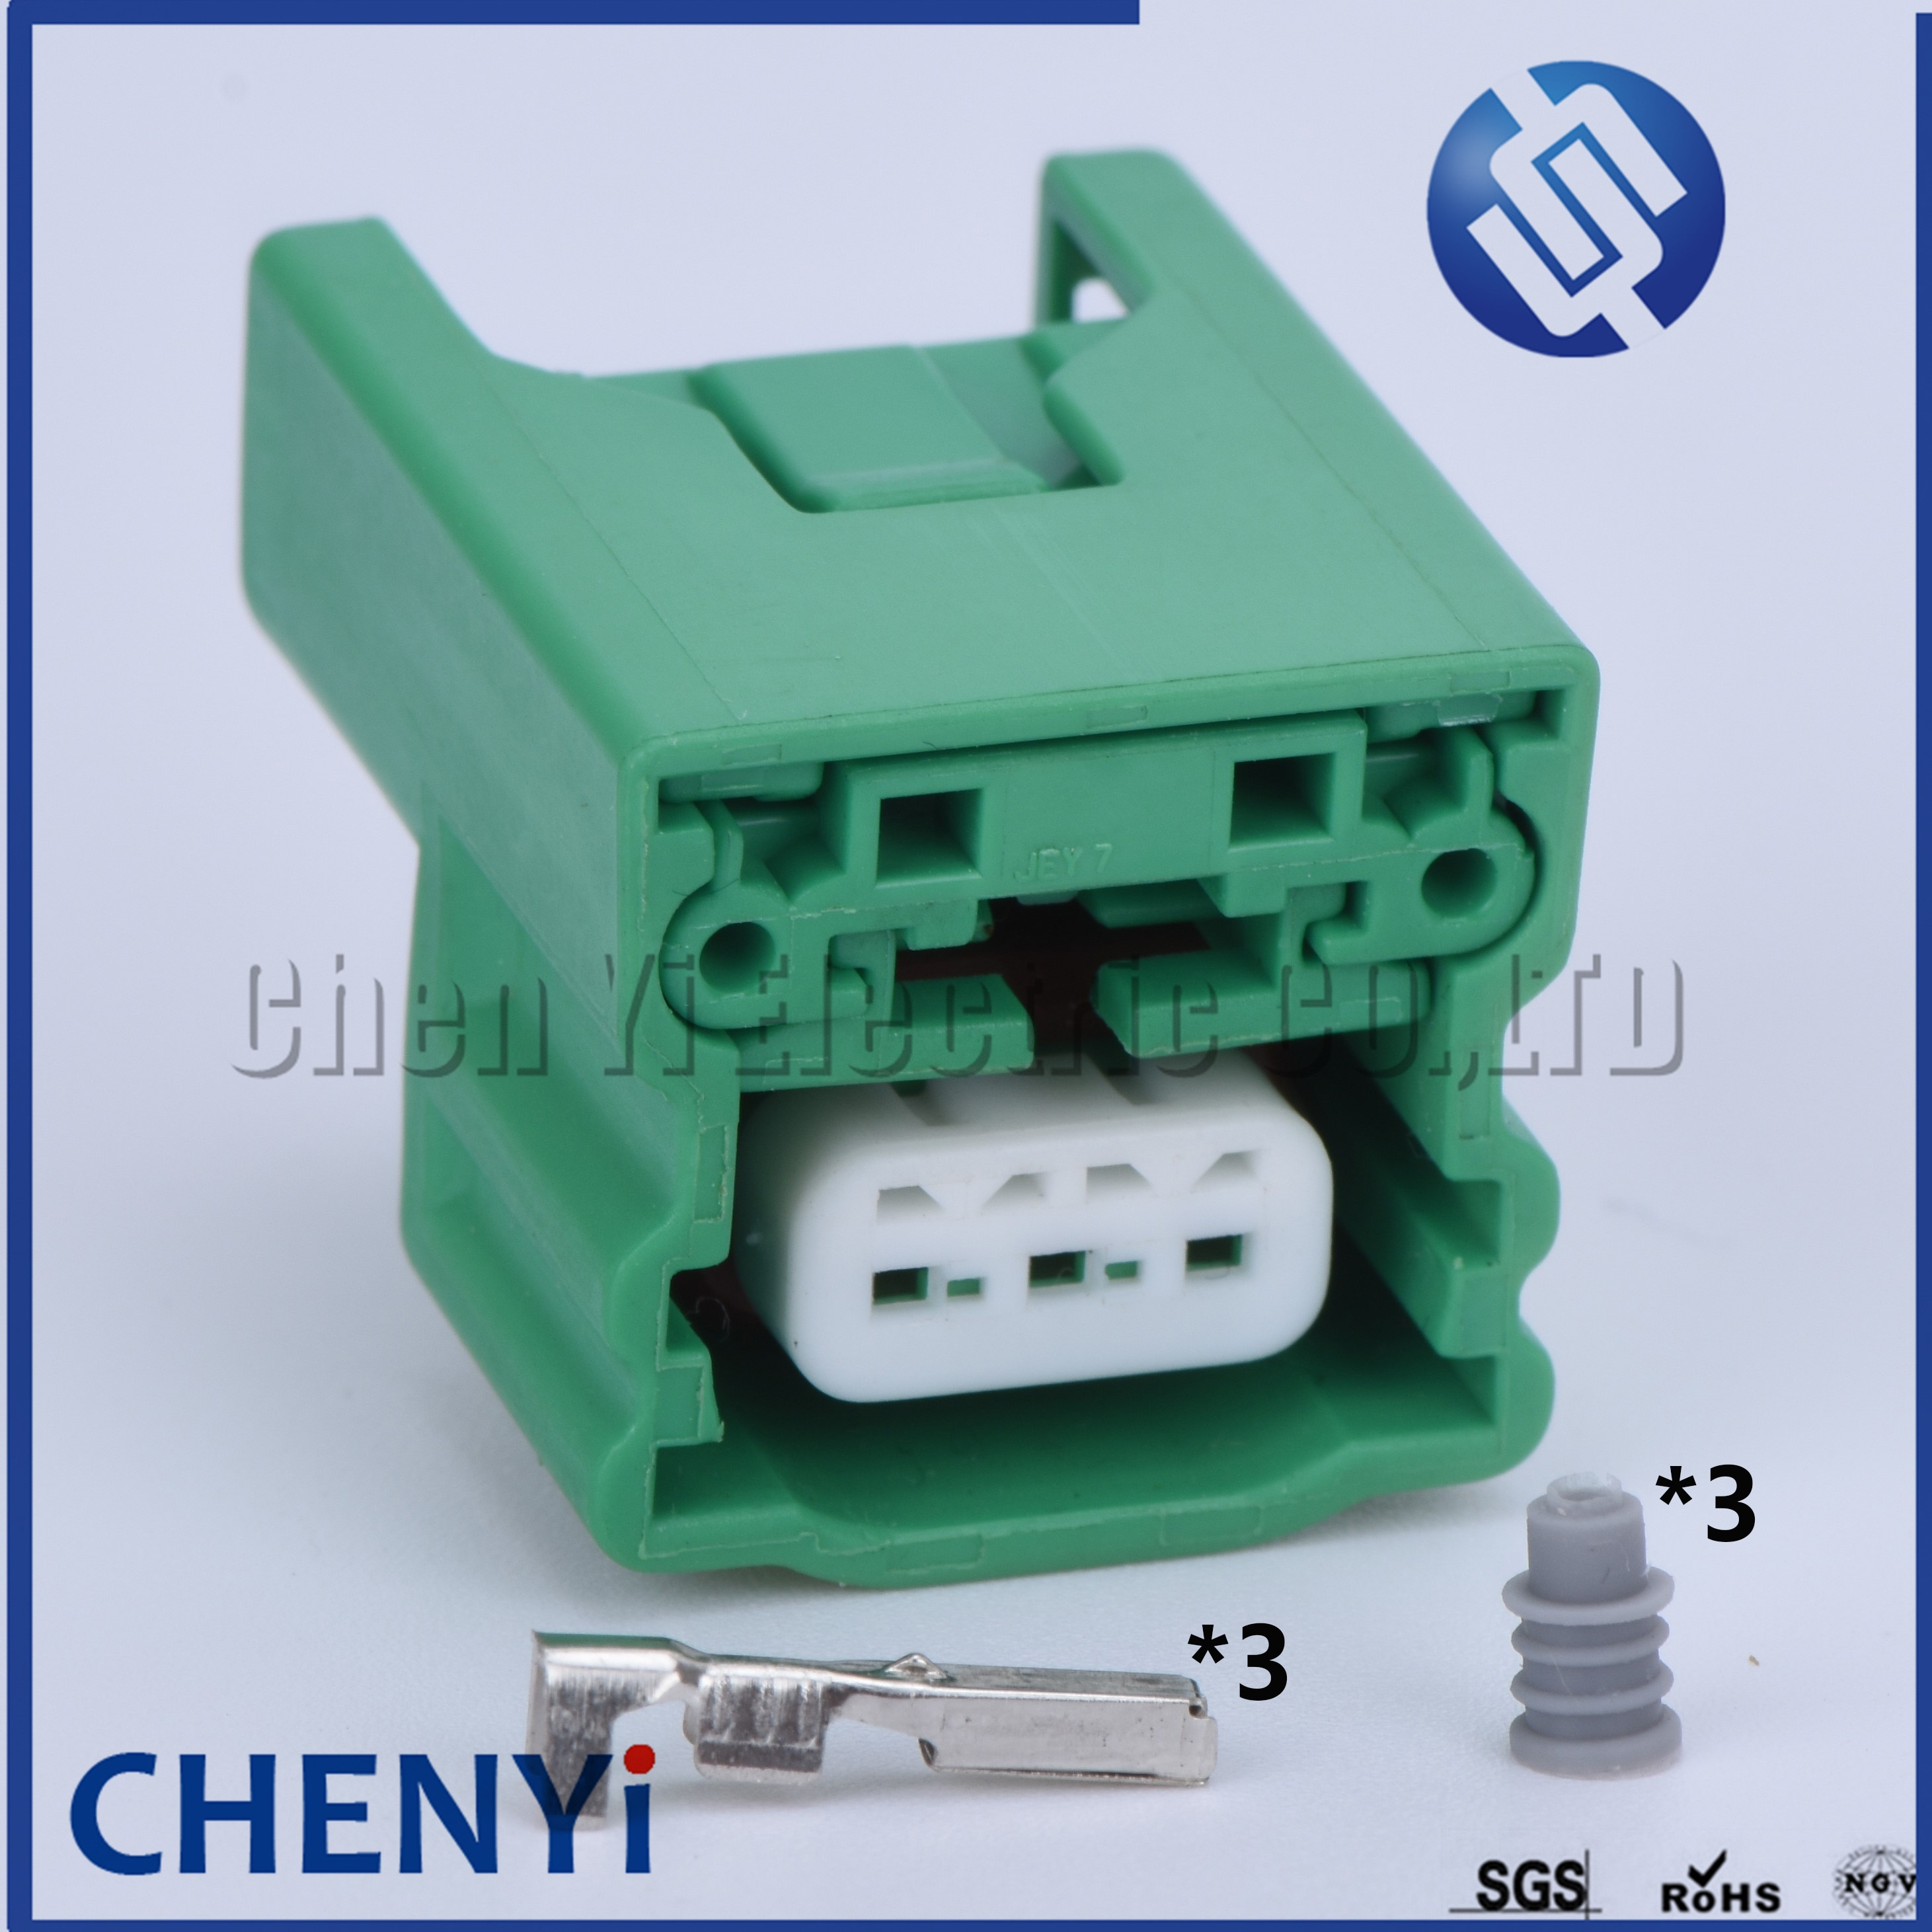 1 Juego de 3 pines 1,0mm hembra automotriz Sensor de posición de árbol de levas enchufe impermeable Auto conector Socket para Nissan MG643226-6